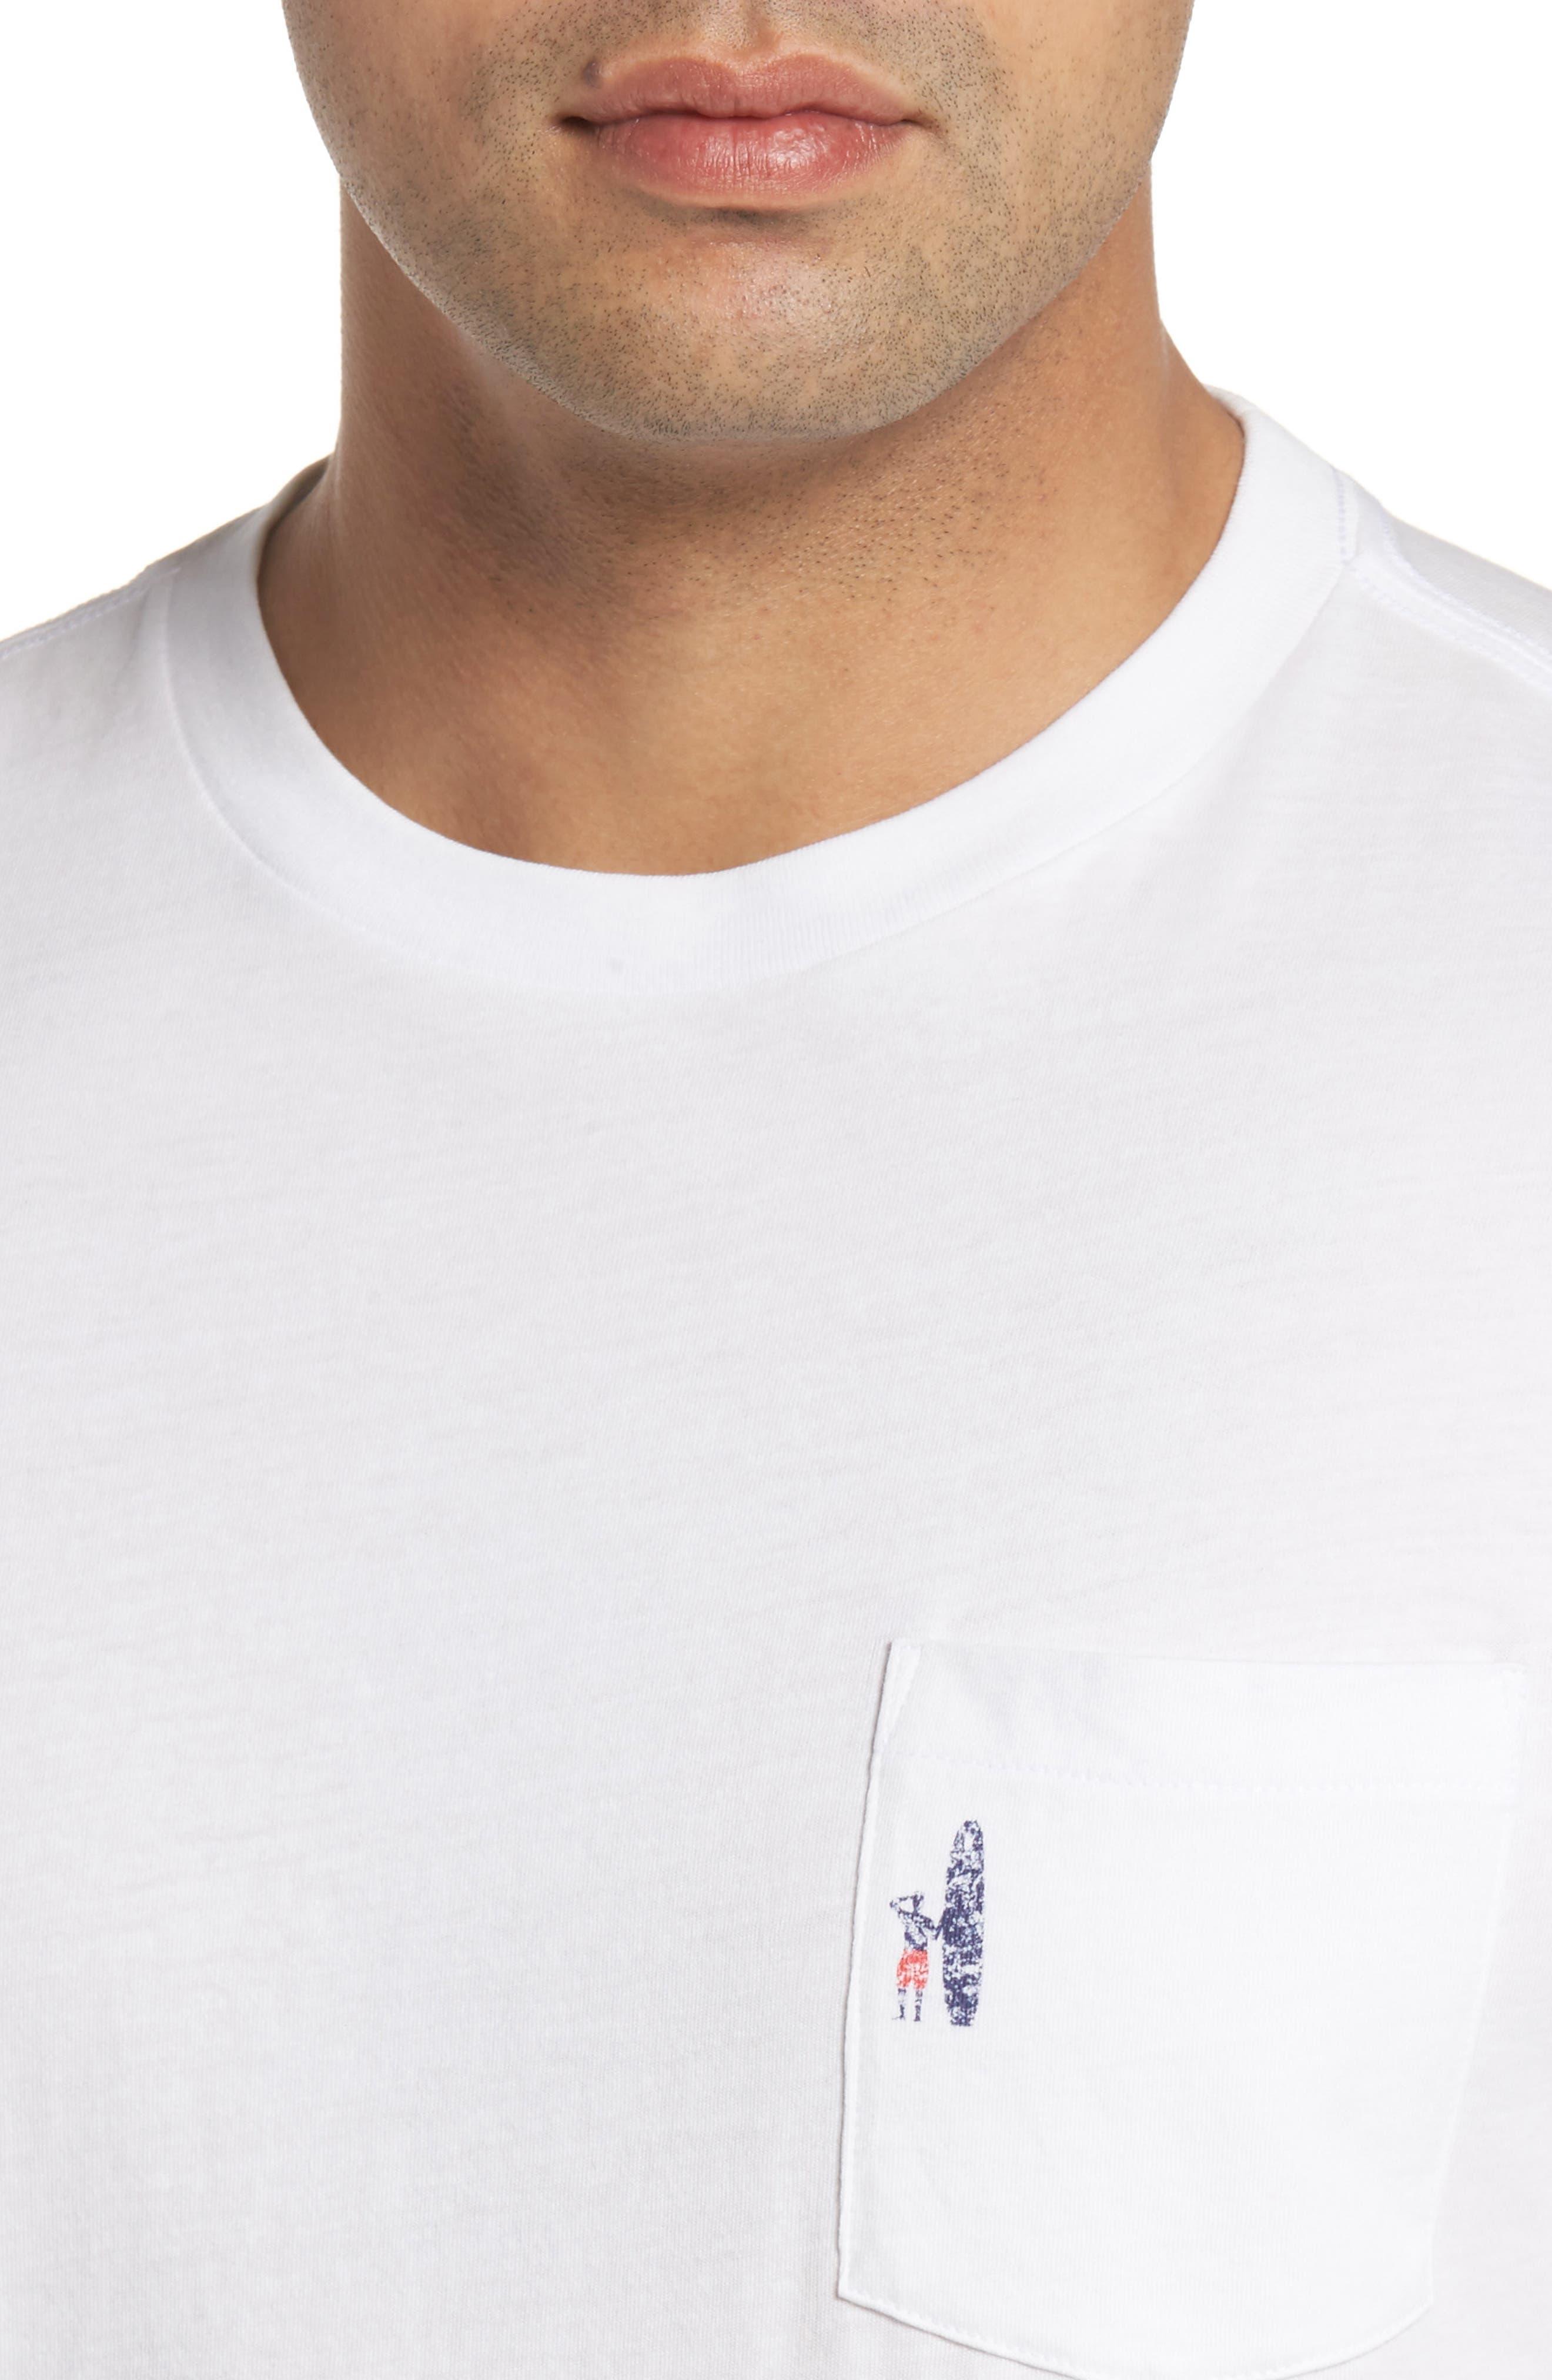 Union Graphic T-Shirt,                             Alternate thumbnail 4, color,                             100